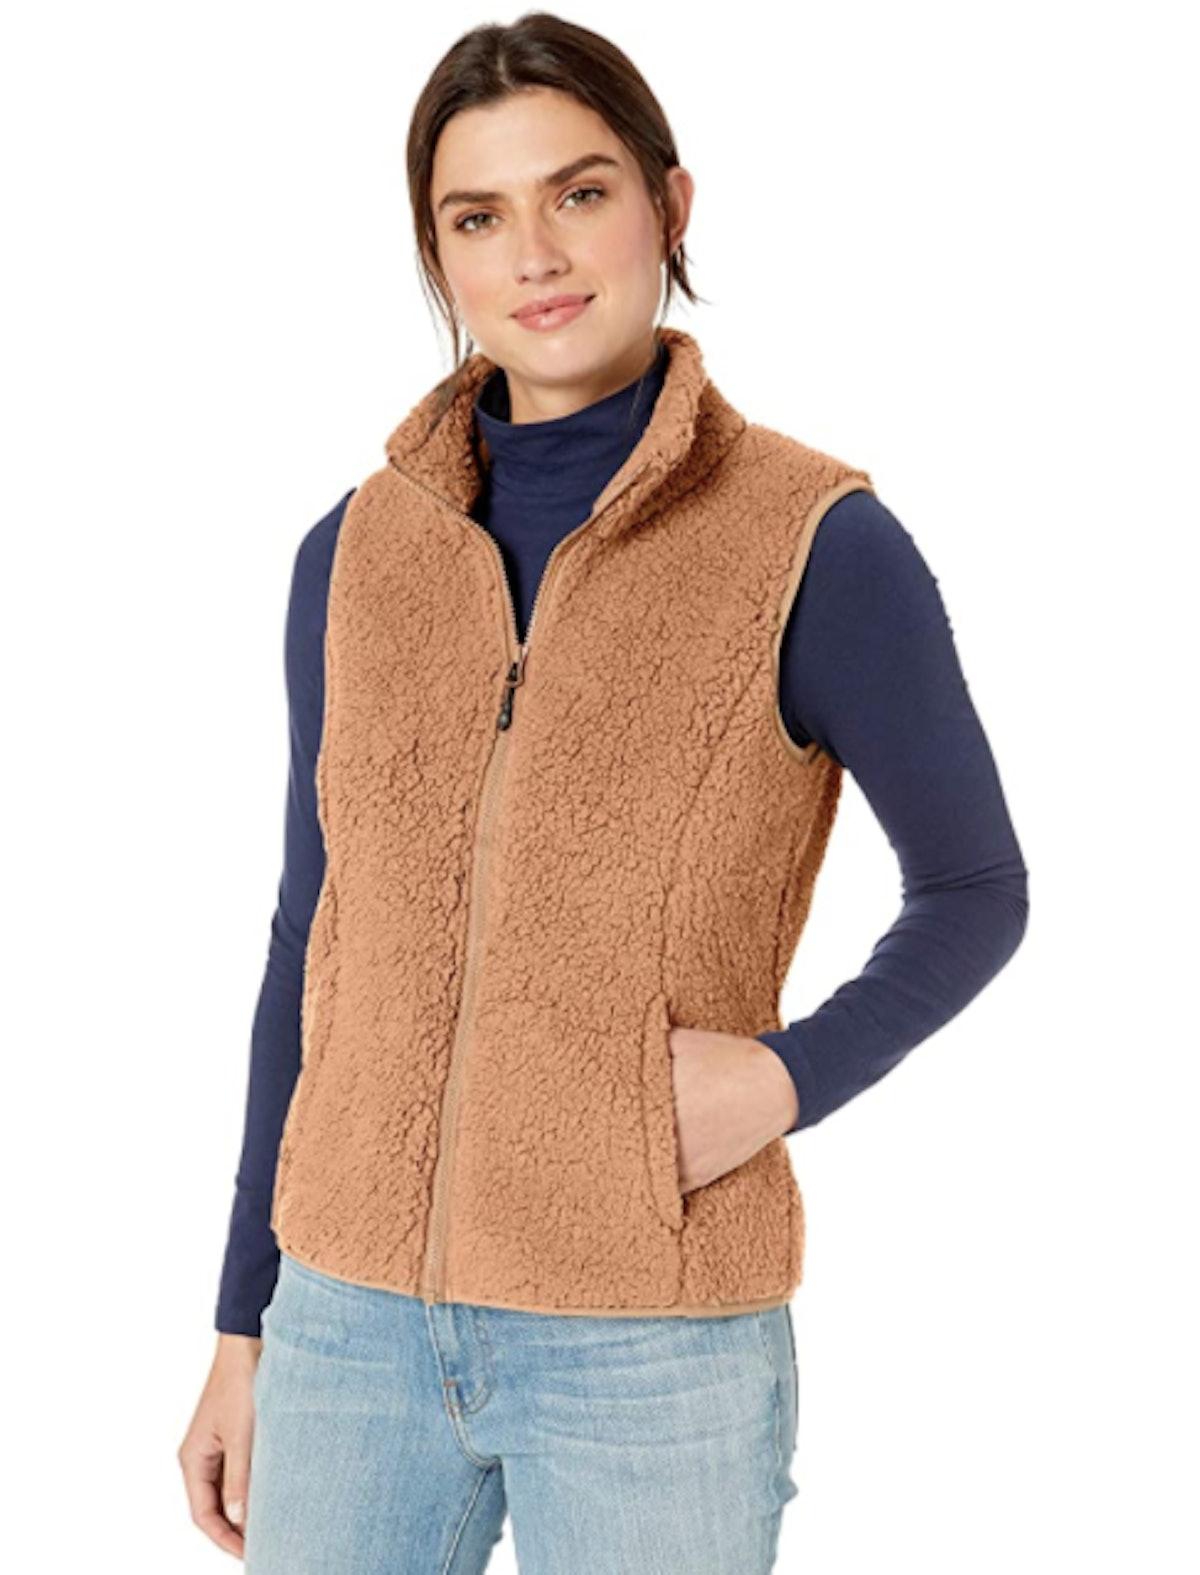 Amazon Essentials Sherpa Vest